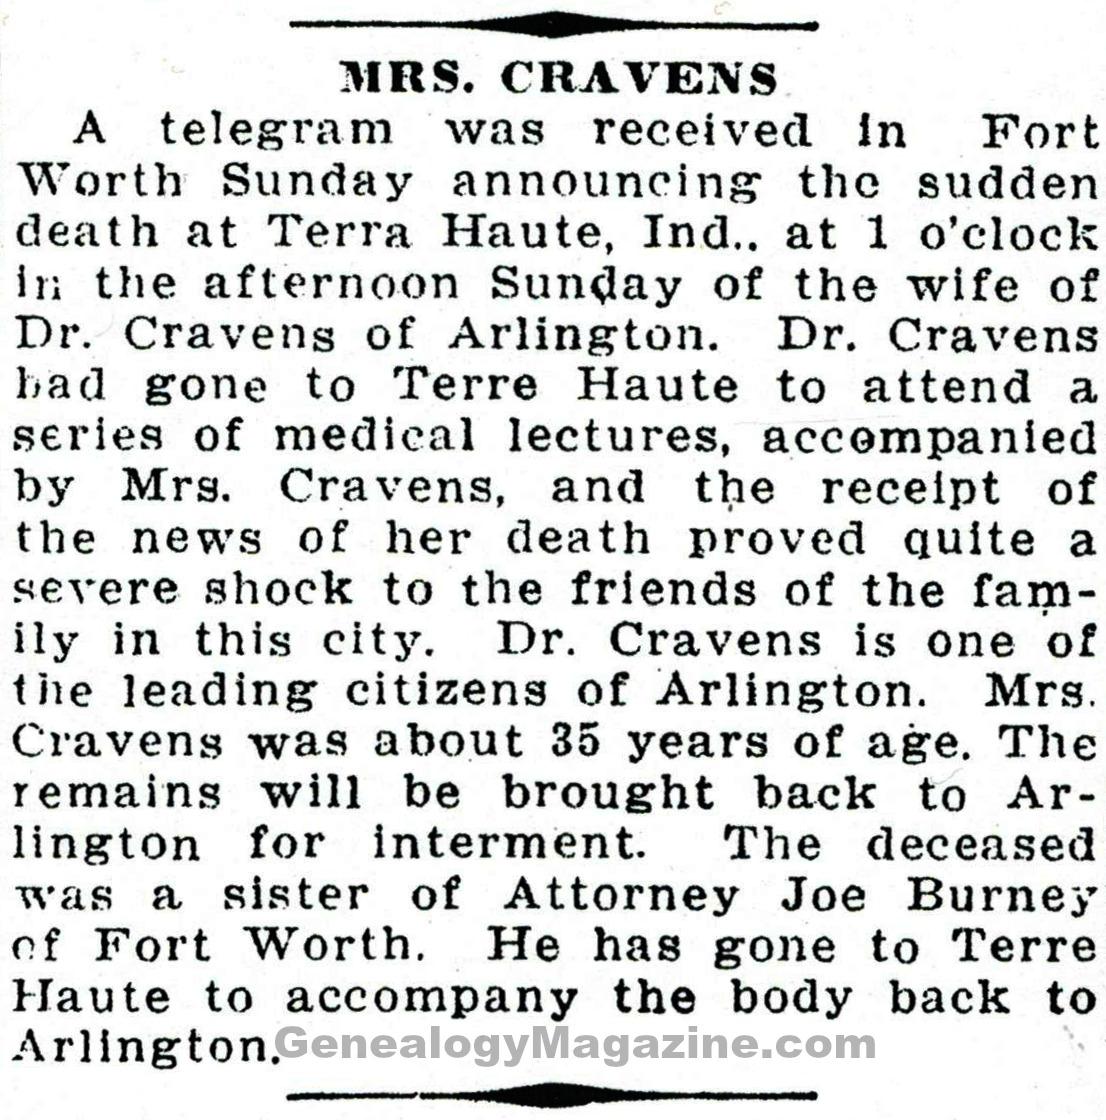 CRAVENS, Mrs obituary